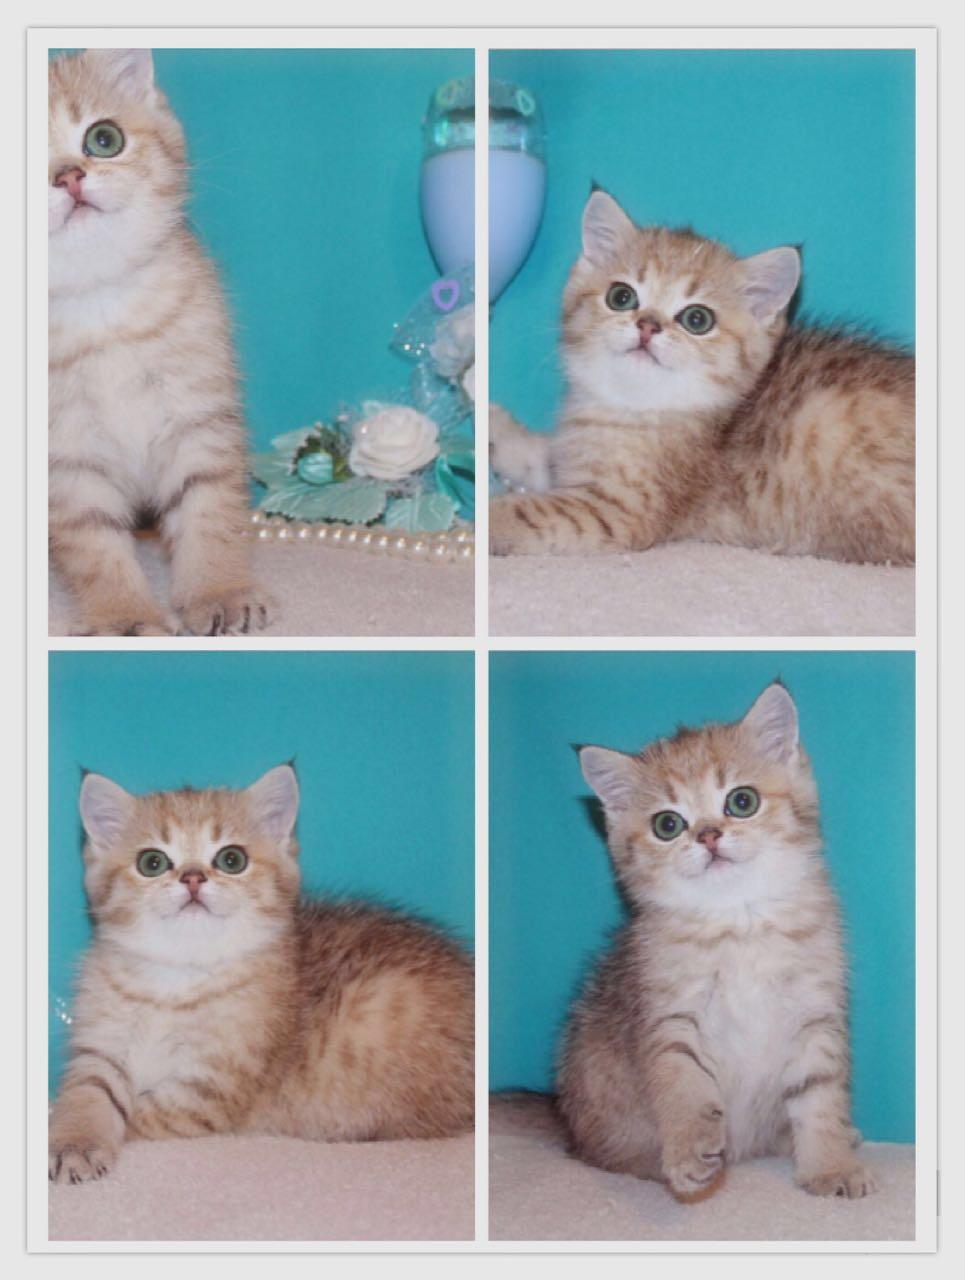 قطط صغيرة للبيع 2021 - منتدى بيع وشراء قطط الشيرازي والهملايا A4c05228503cfdbbd4e759ea3d3ed423